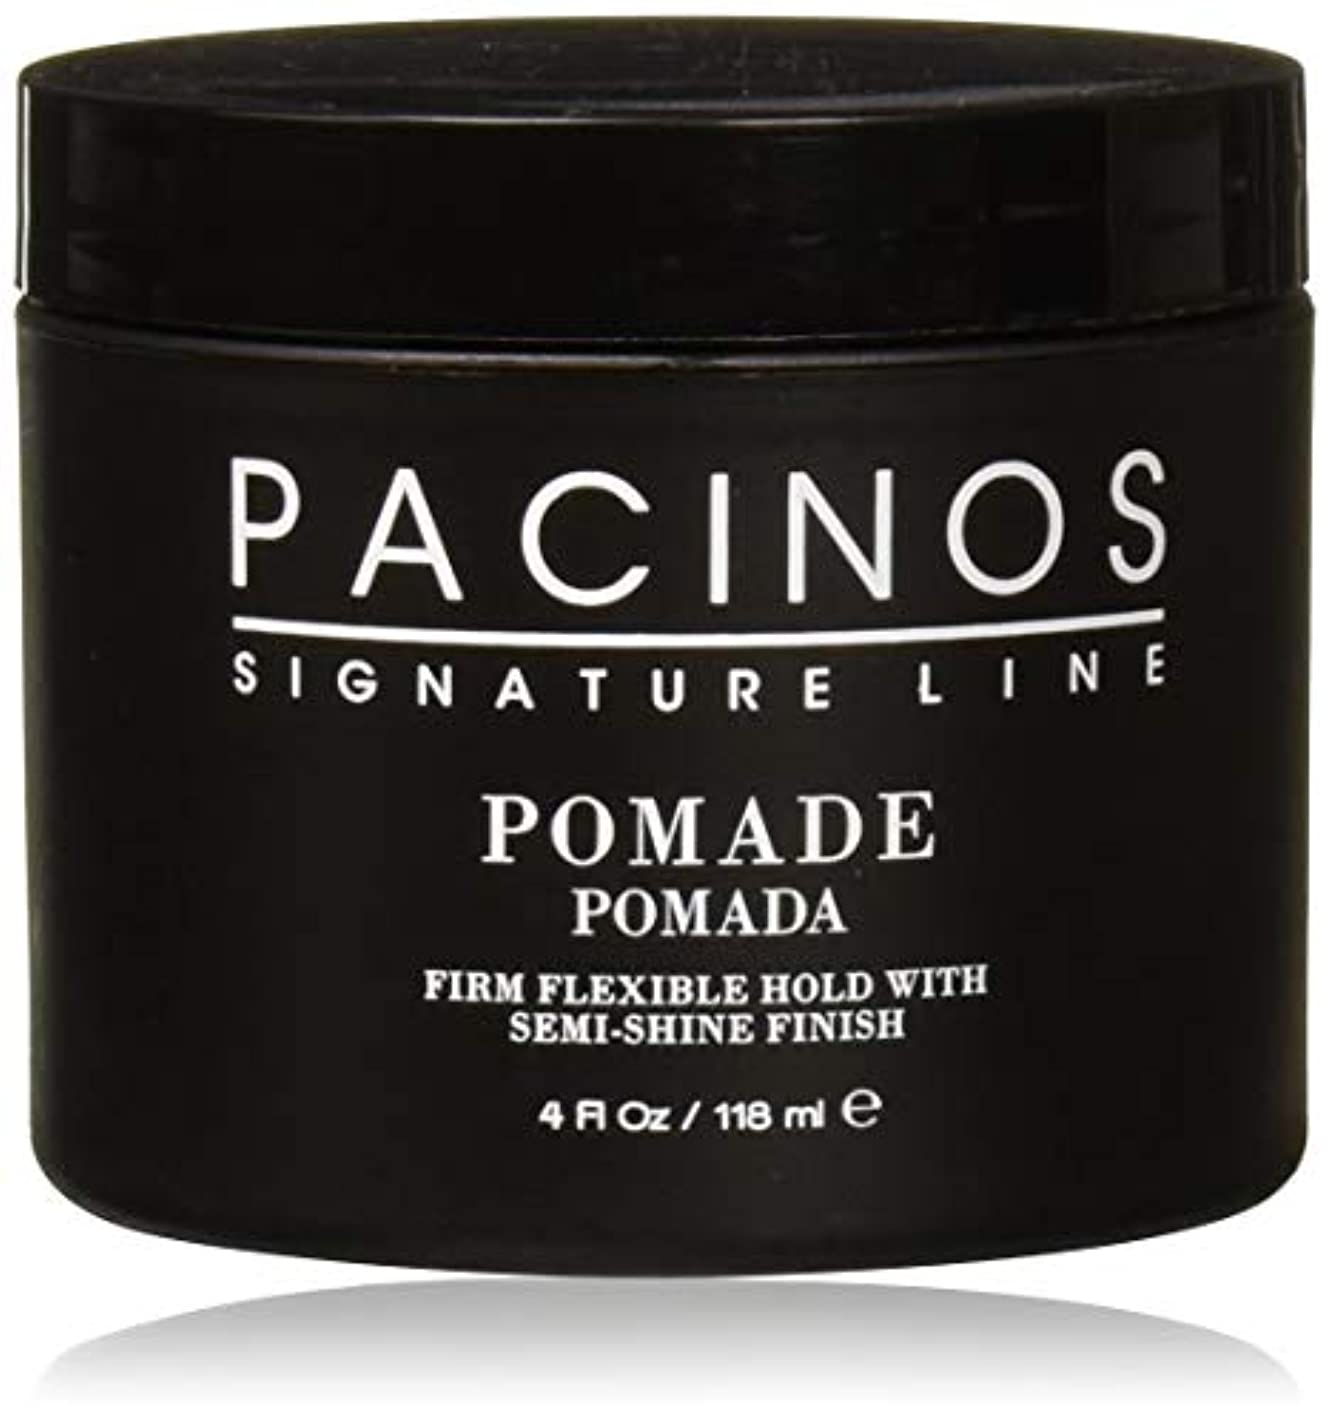 物足りない包囲特別なPacinos Pomade パチーノス?ポマード【日本正規品】4oz(118g)